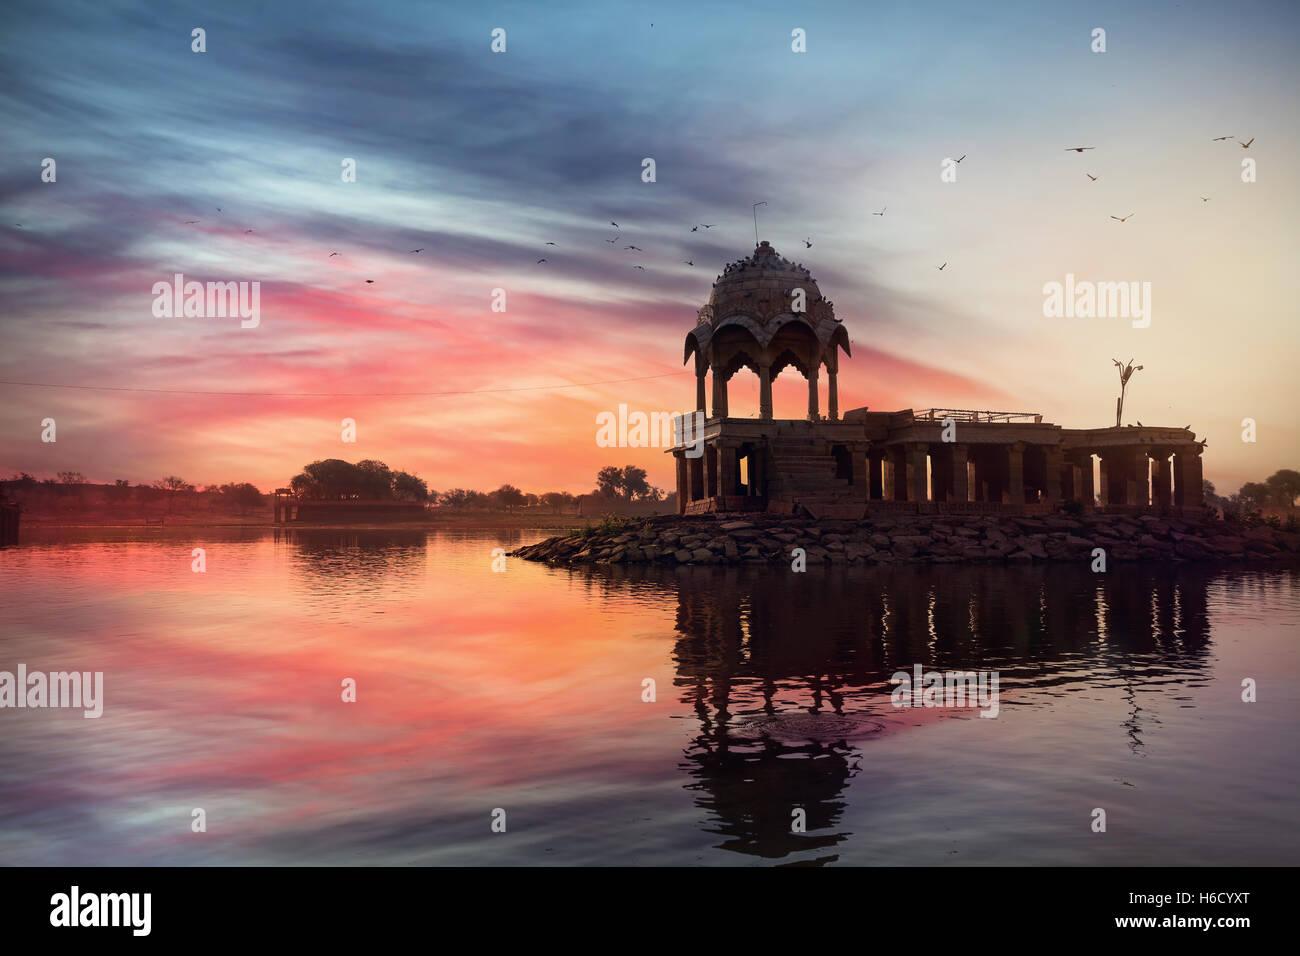 Silueta de templo en el Gadi Sagar lake en rosa vibrante sunset sky en Jaisalmer, Rajasthan, India Imagen De Stock